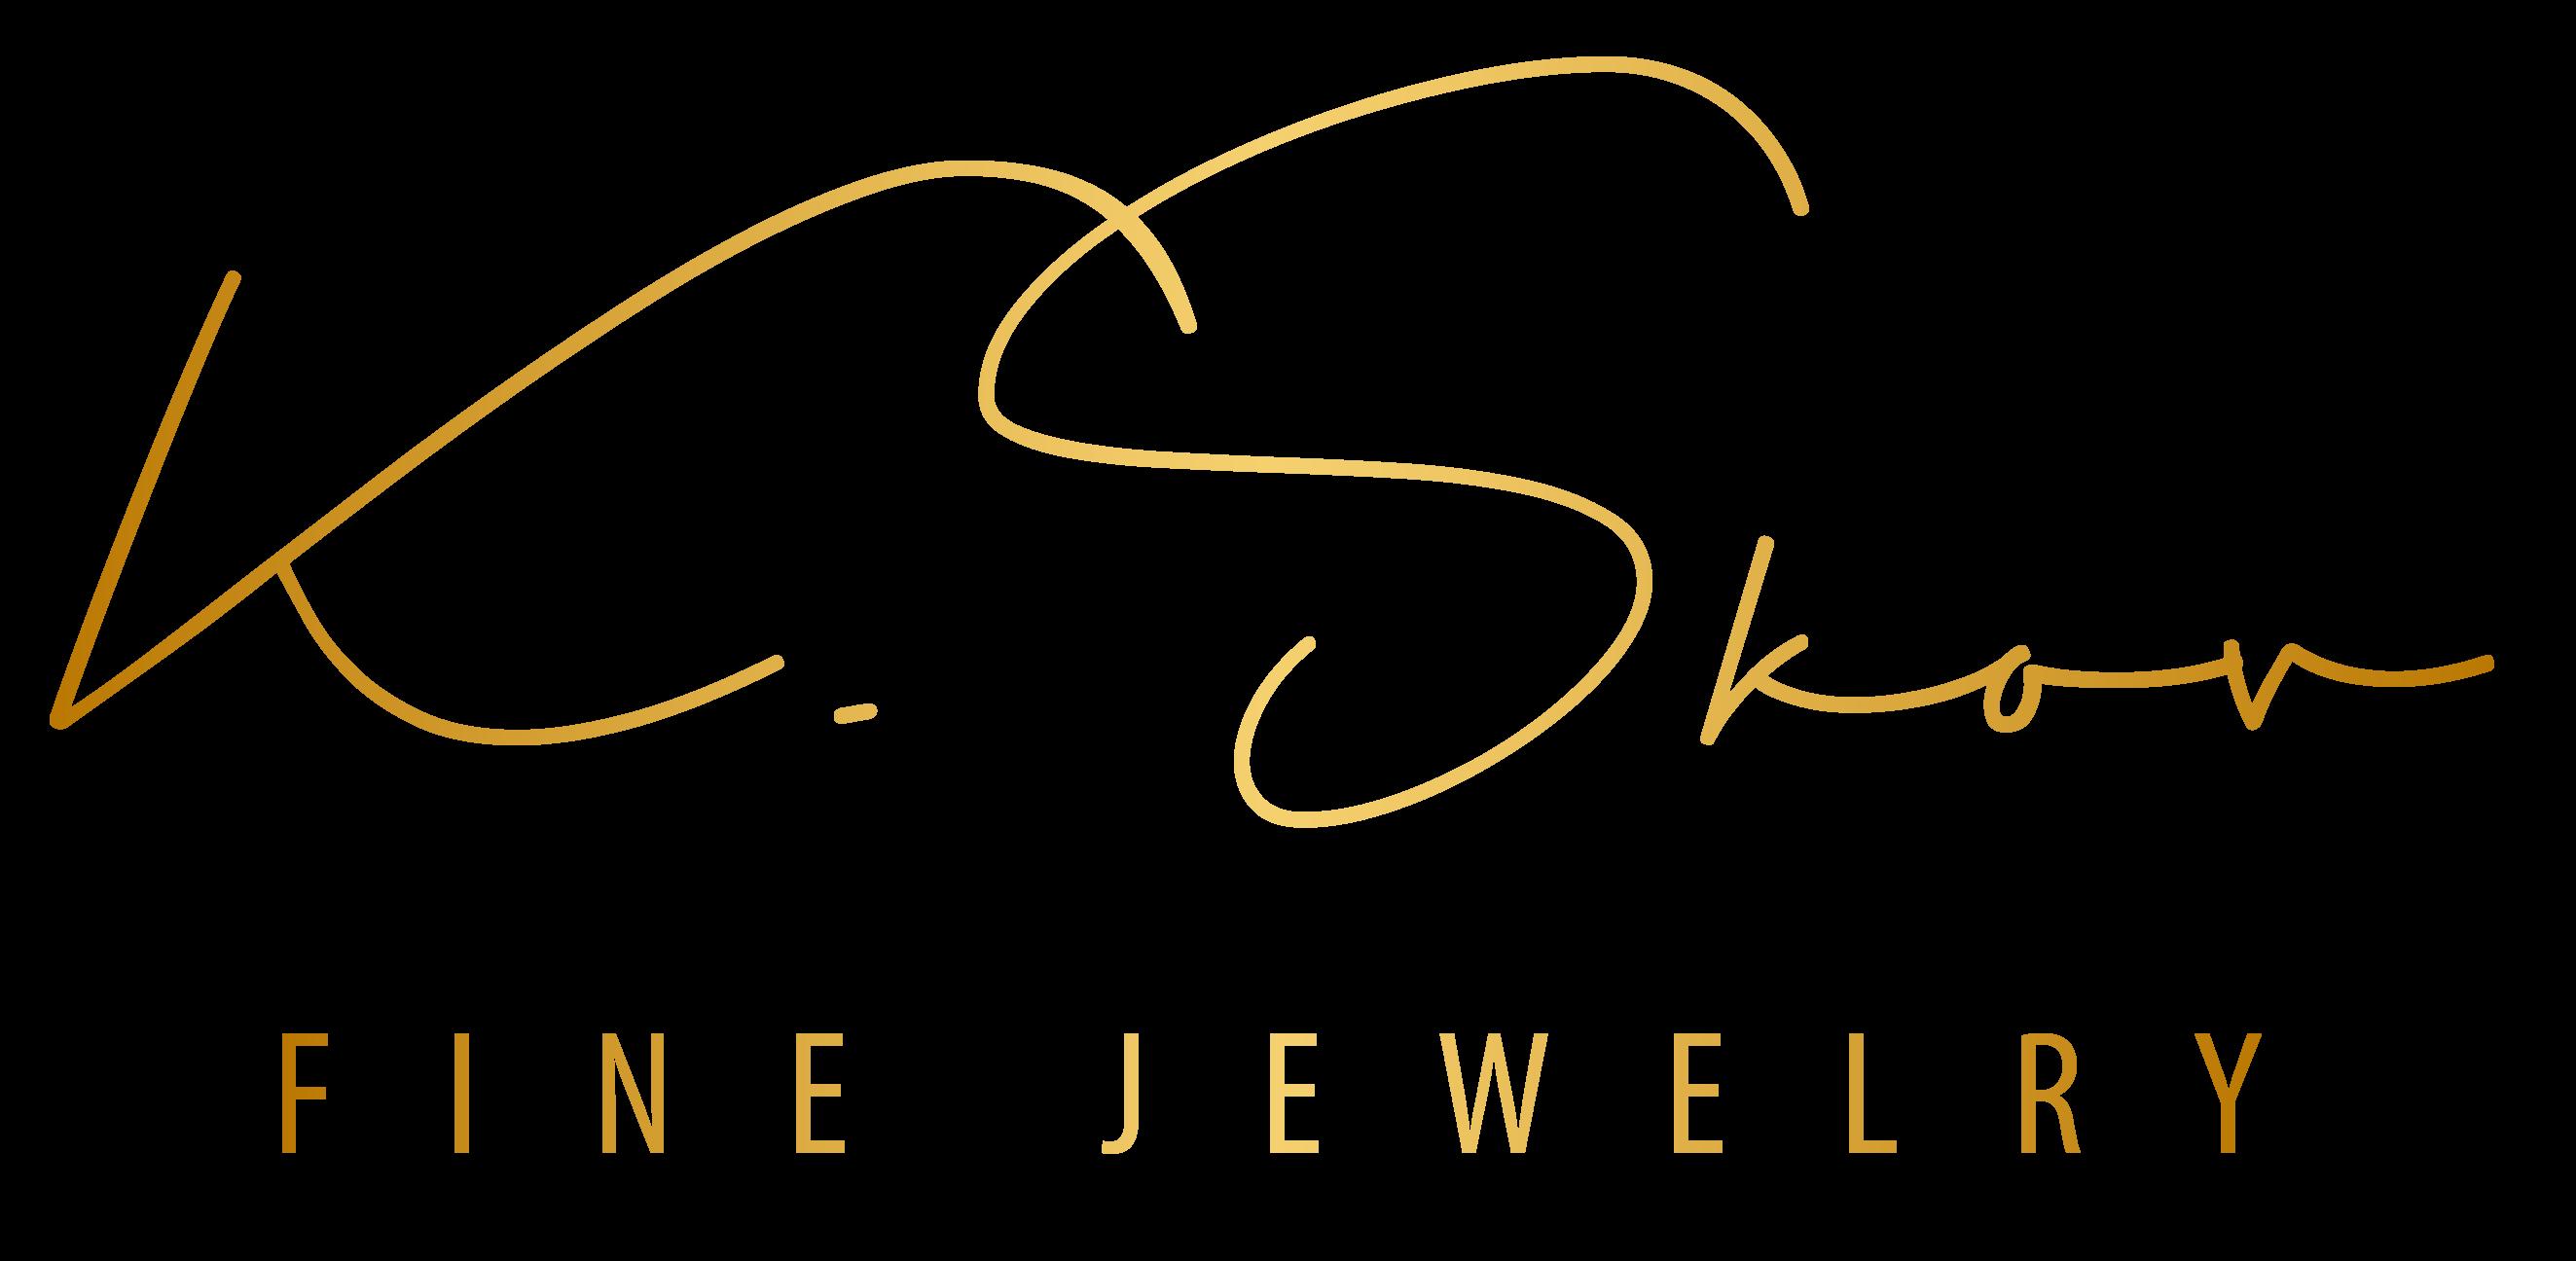 K.Skov fine jewelry